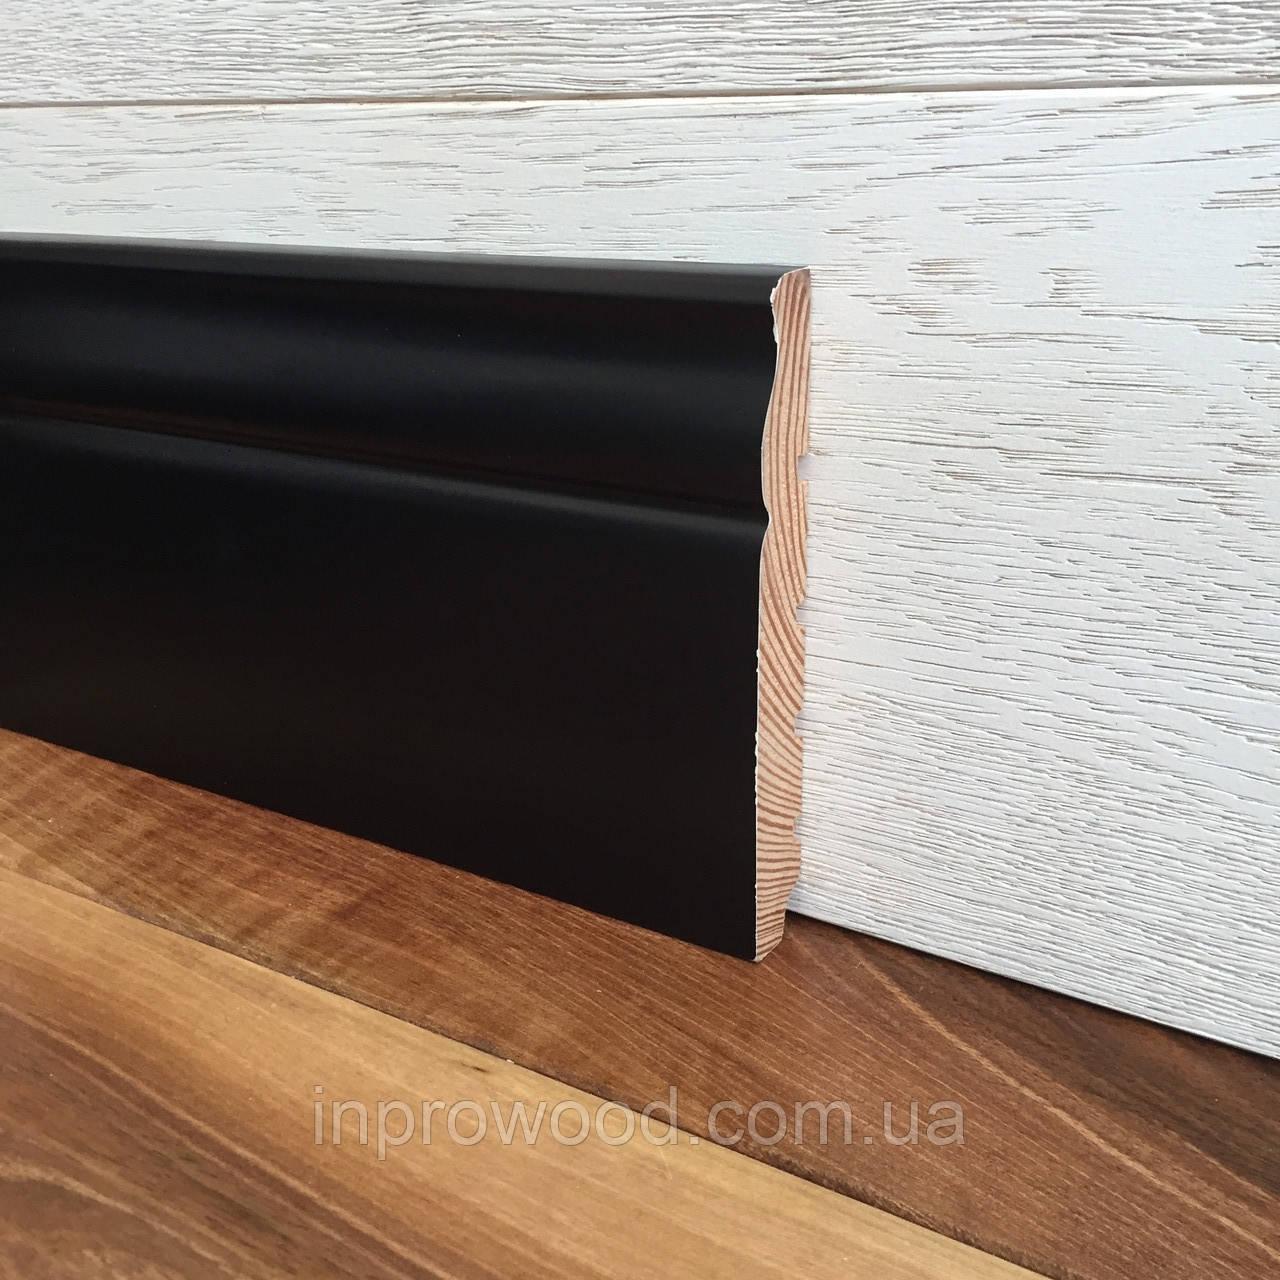 """""""Класик"""" 120х16 мм, Чорний дерев'яний плінтус Сосна"""